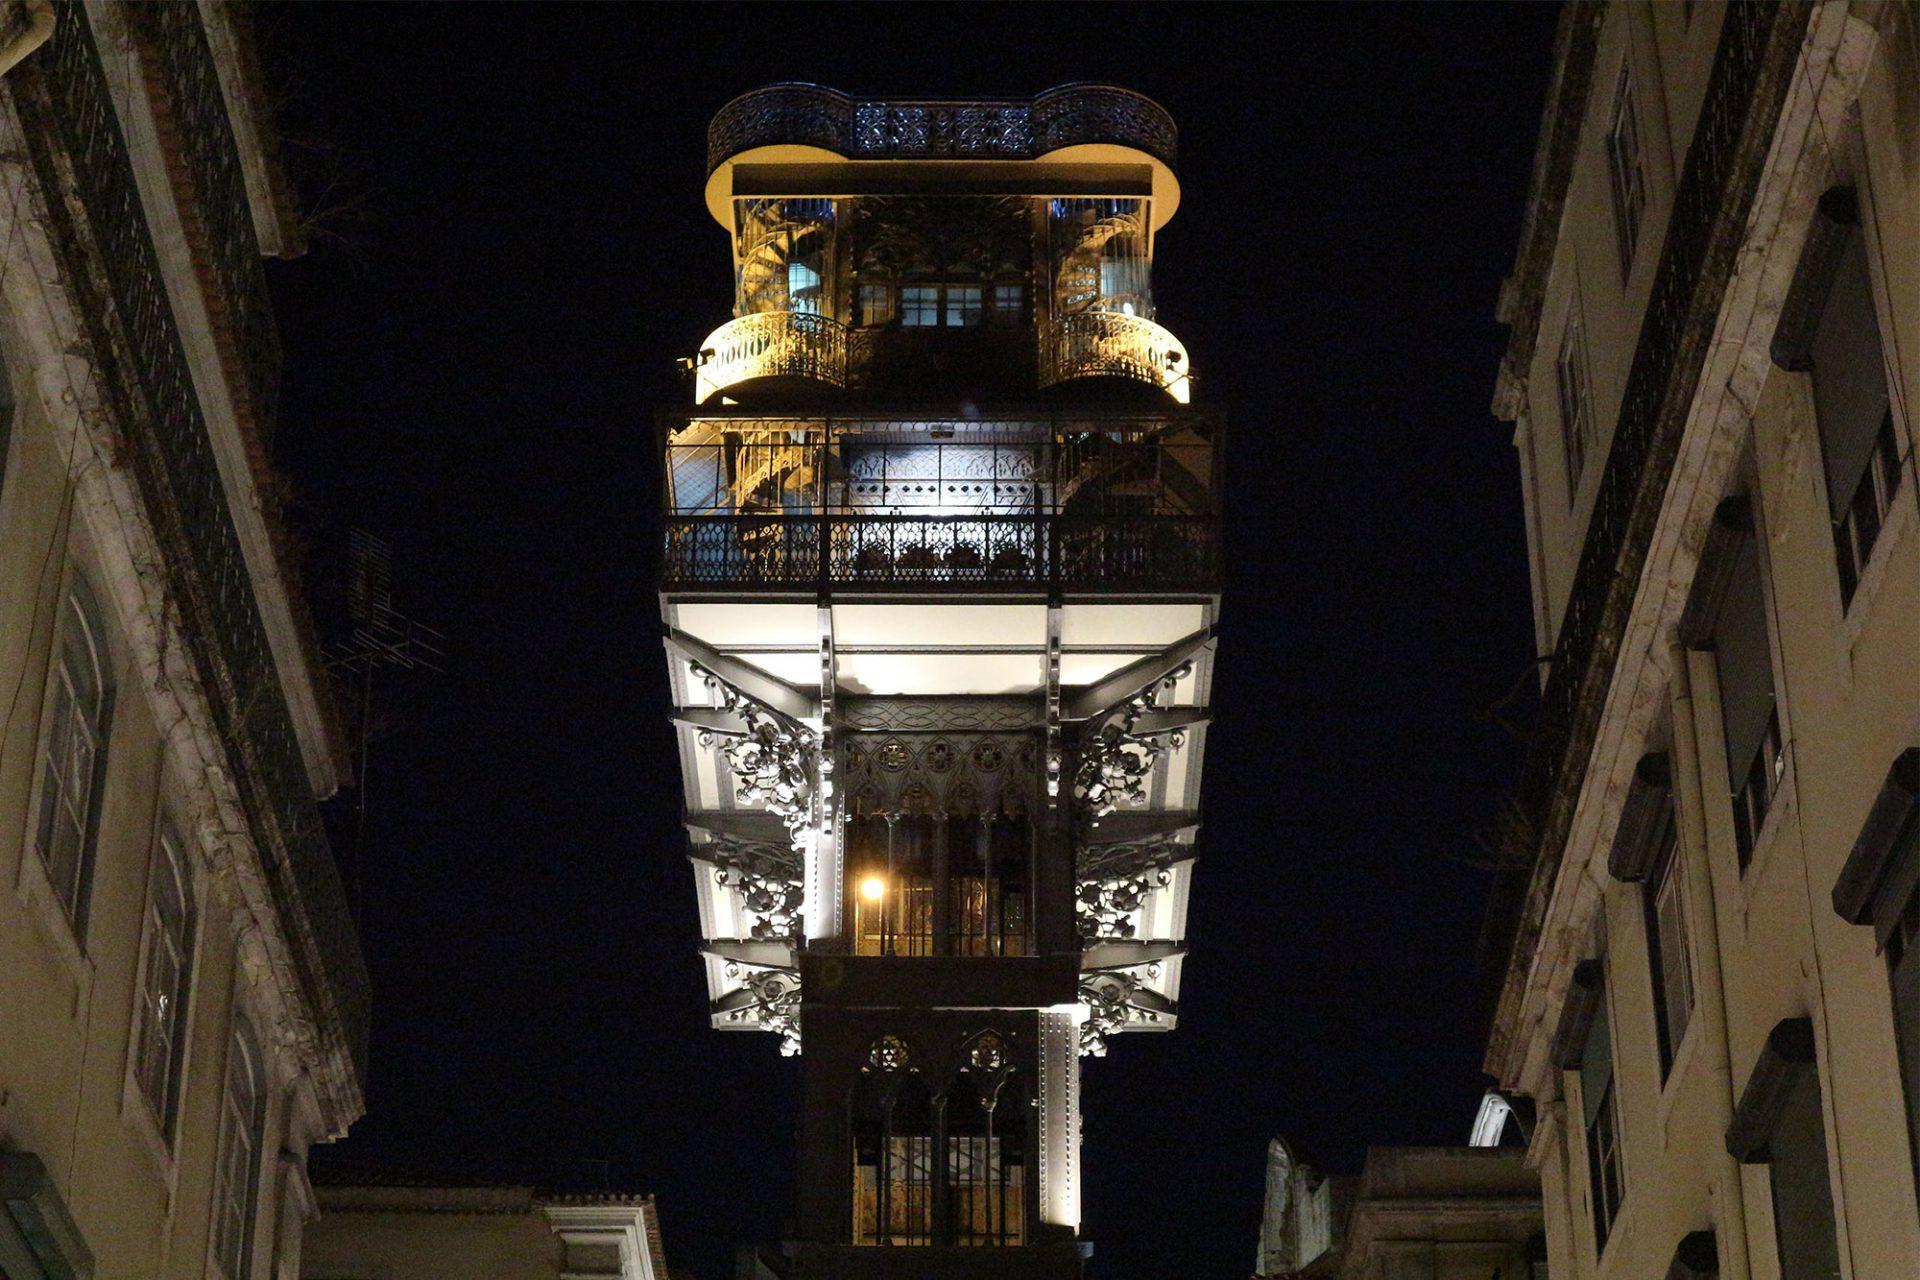 Elevador de Santa Justa.  Bei Nacht erstrahlt der Turm im überwirklichem Licht.